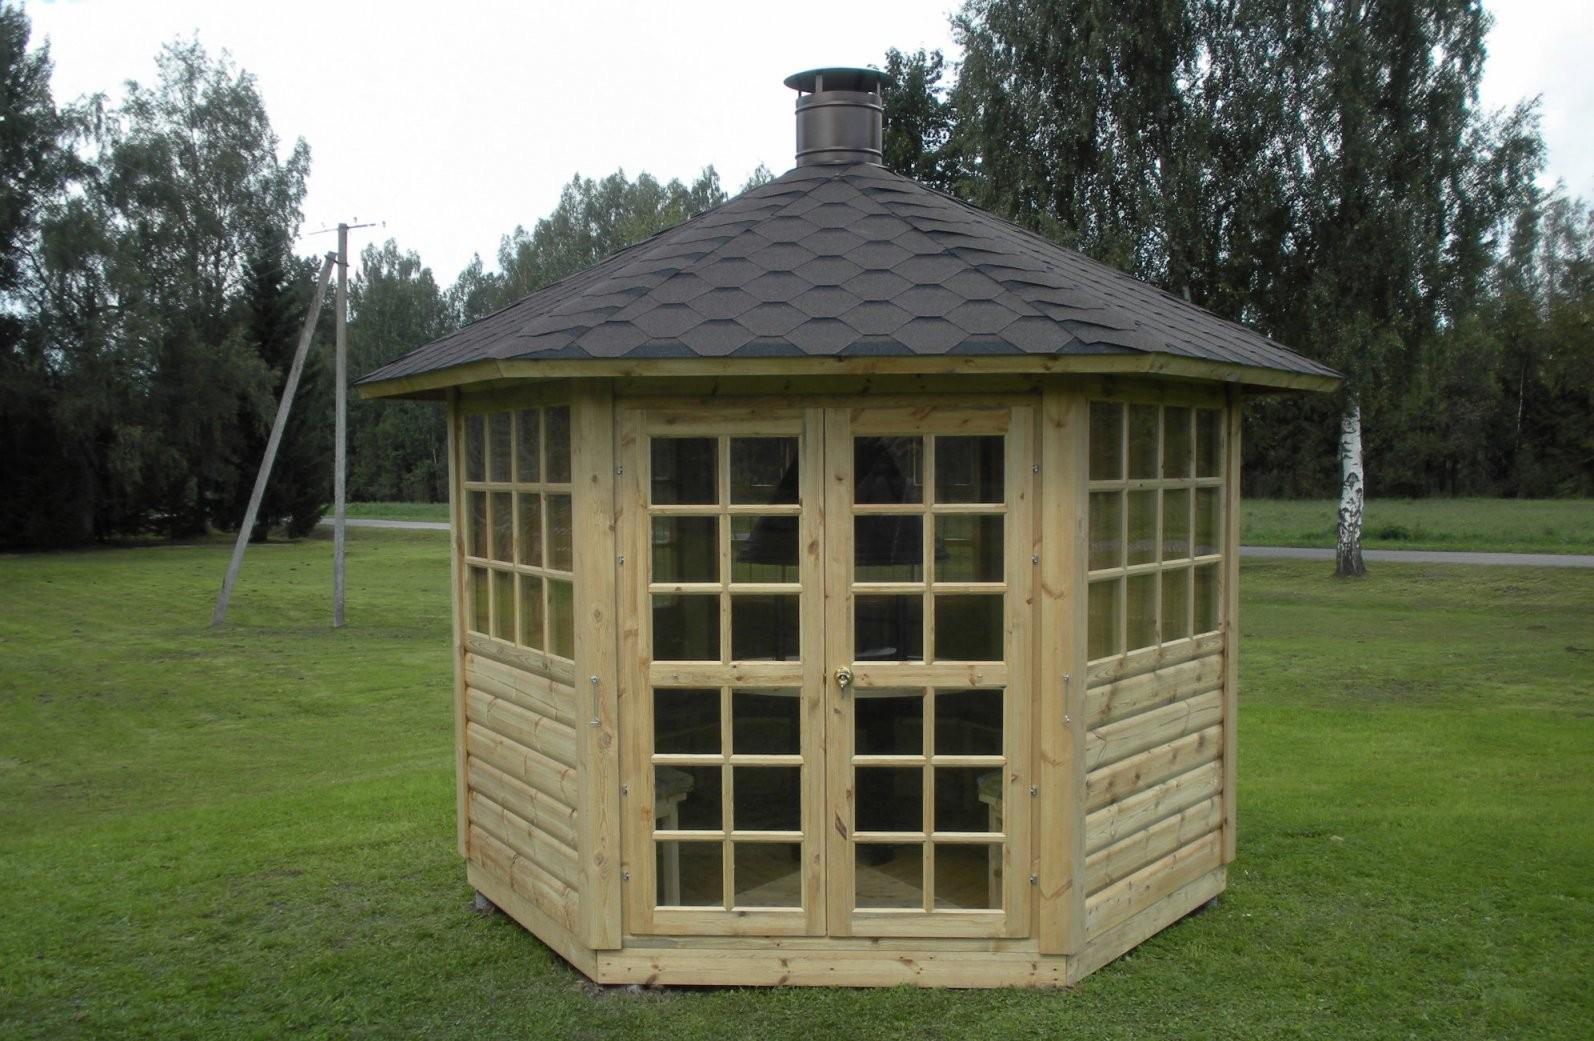 Gartenpavillon (Gartenhaus) Mit Grill Und Schornstein Aus Holz von Holz Pavillon 6 Eckig Bild